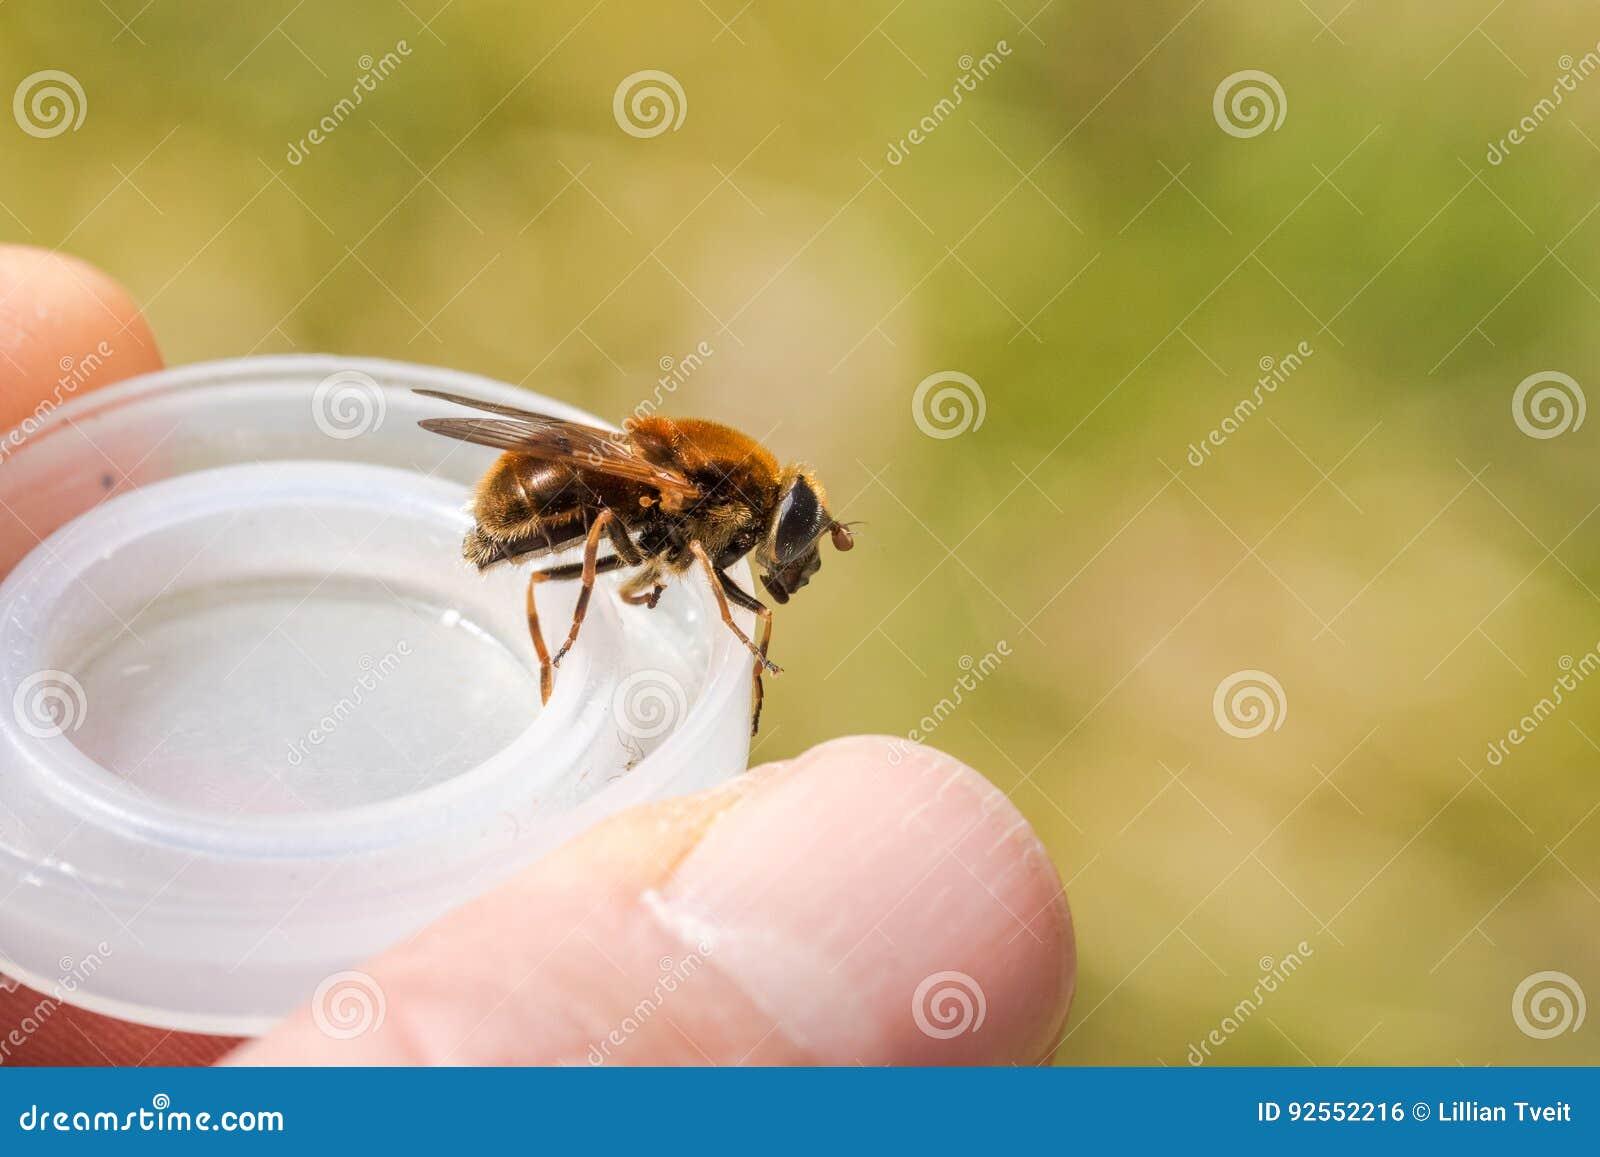 Hoverfly, chrysocoma di Cheilosia, femmina, sedentesi su una copertura di plastica